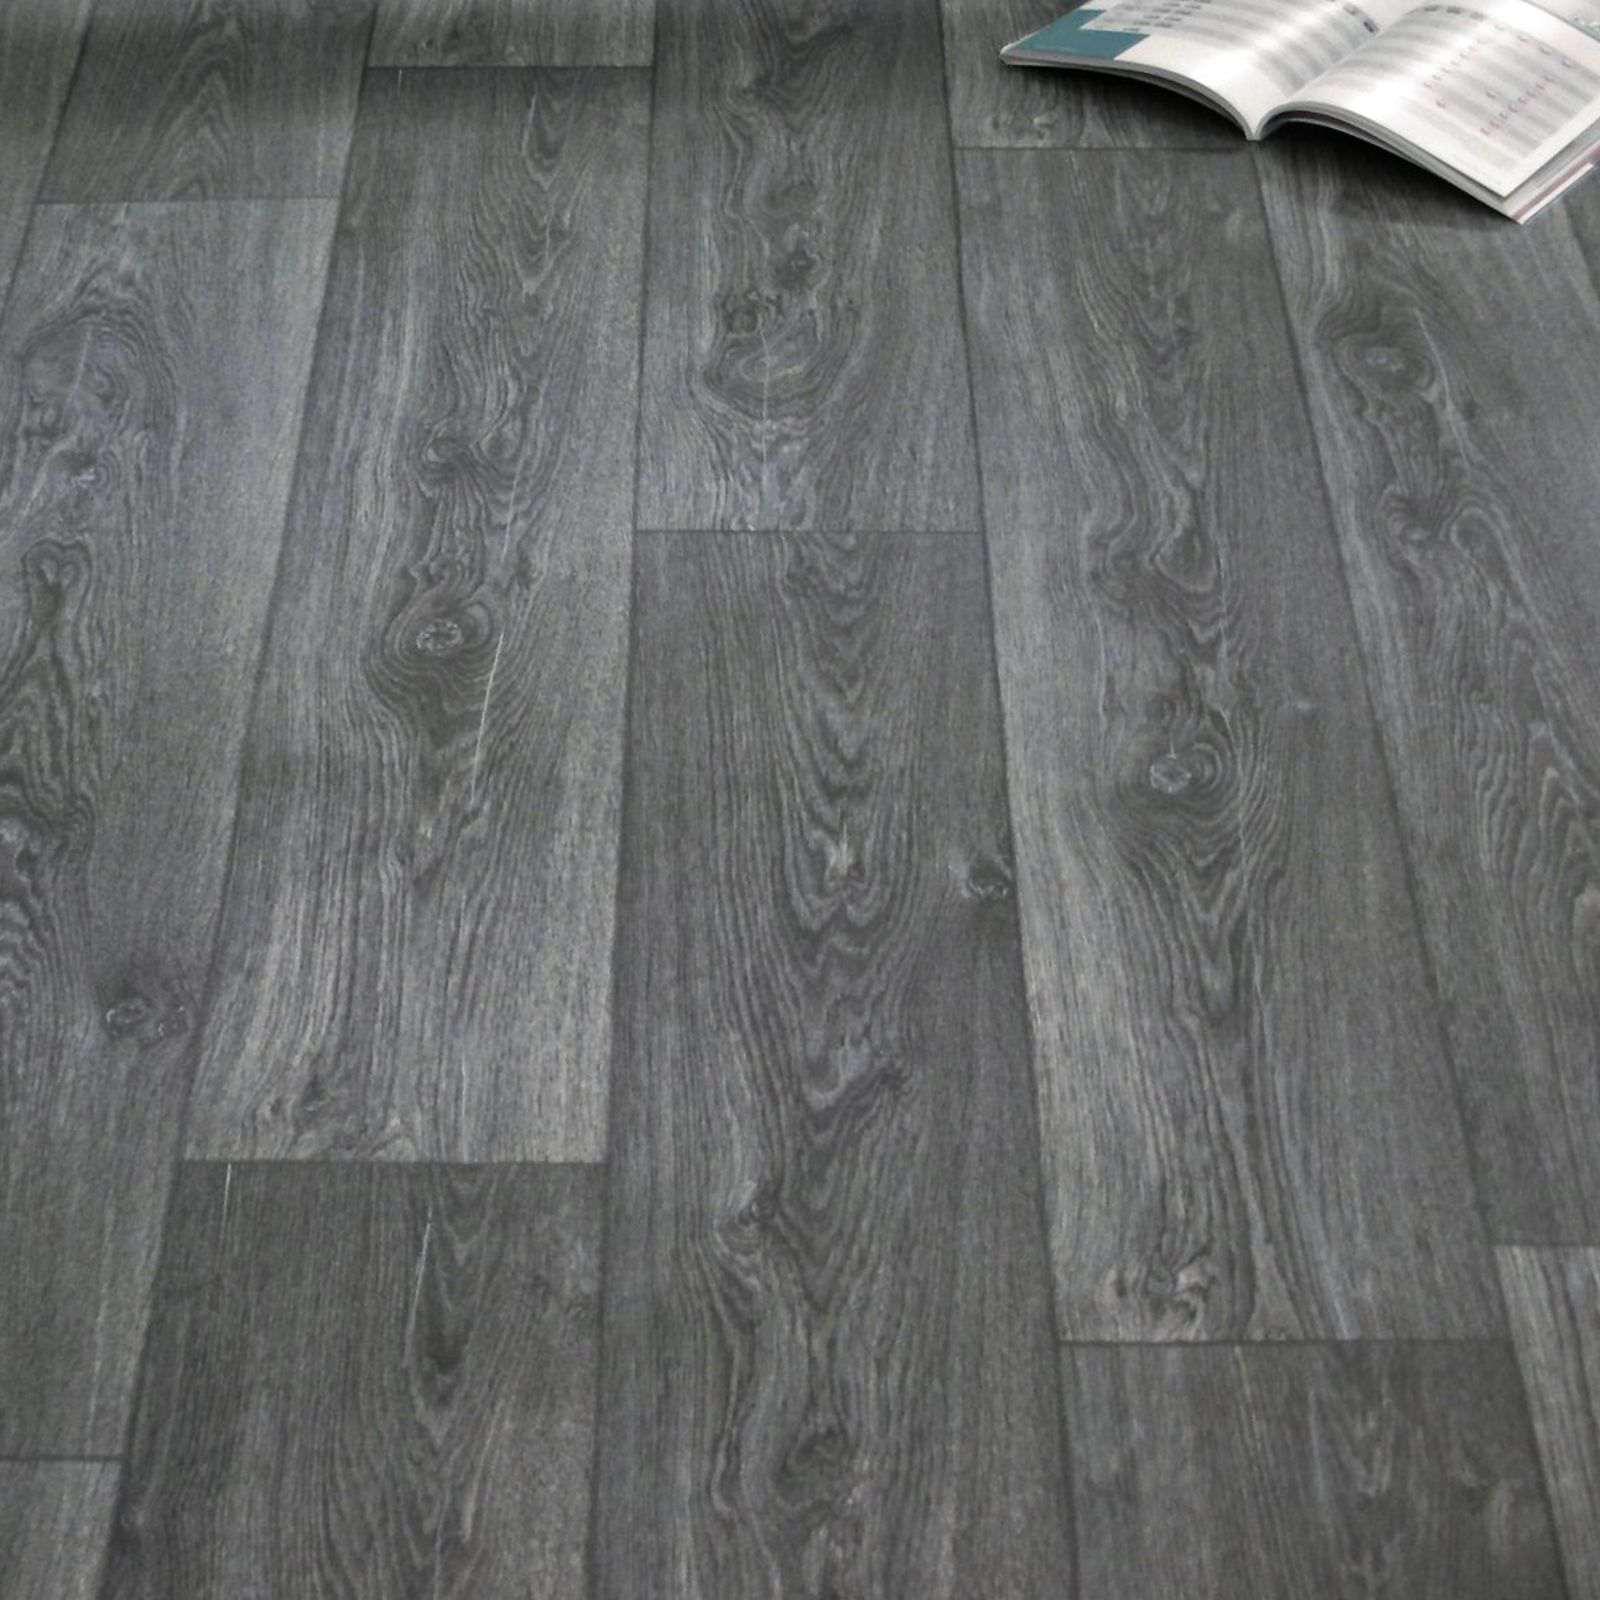 pvc bodenbelag holz maxiplanken schwarz grau holz pvc cv bel ge design pvc vinyl. Black Bedroom Furniture Sets. Home Design Ideas